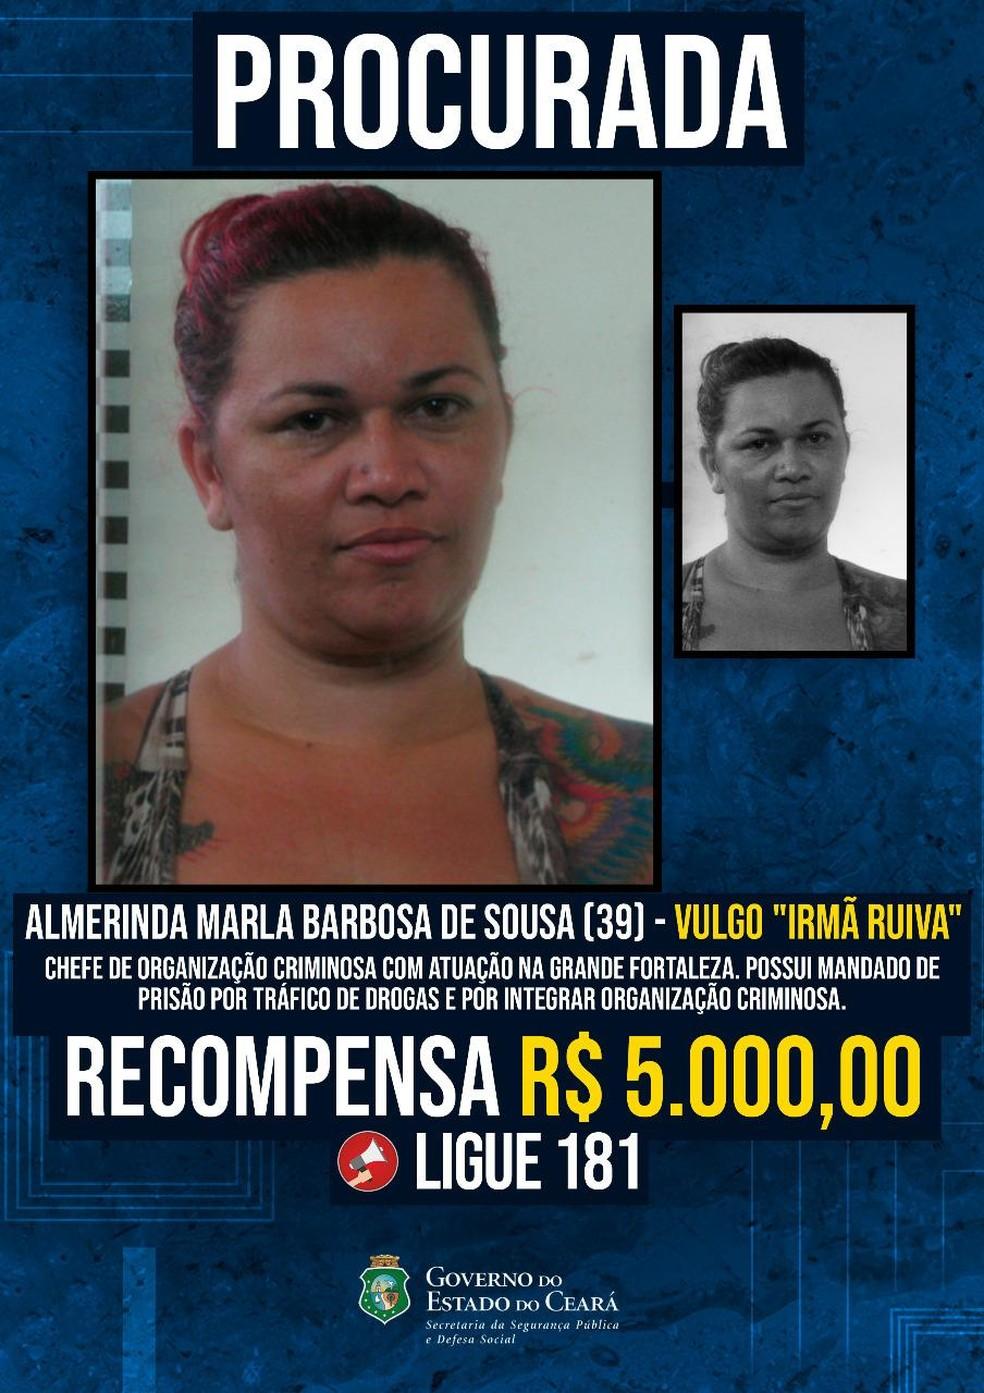 """Almerinda Marla Barbosa de Sousa, 39 anos, conhecida como """"Irmã Ruiva"""", é capturada pela polícia suspeita de chefiar um grupo criminoso com atuação na Grande Fortaleza. — Foto: SSPDS/ Divulgação"""